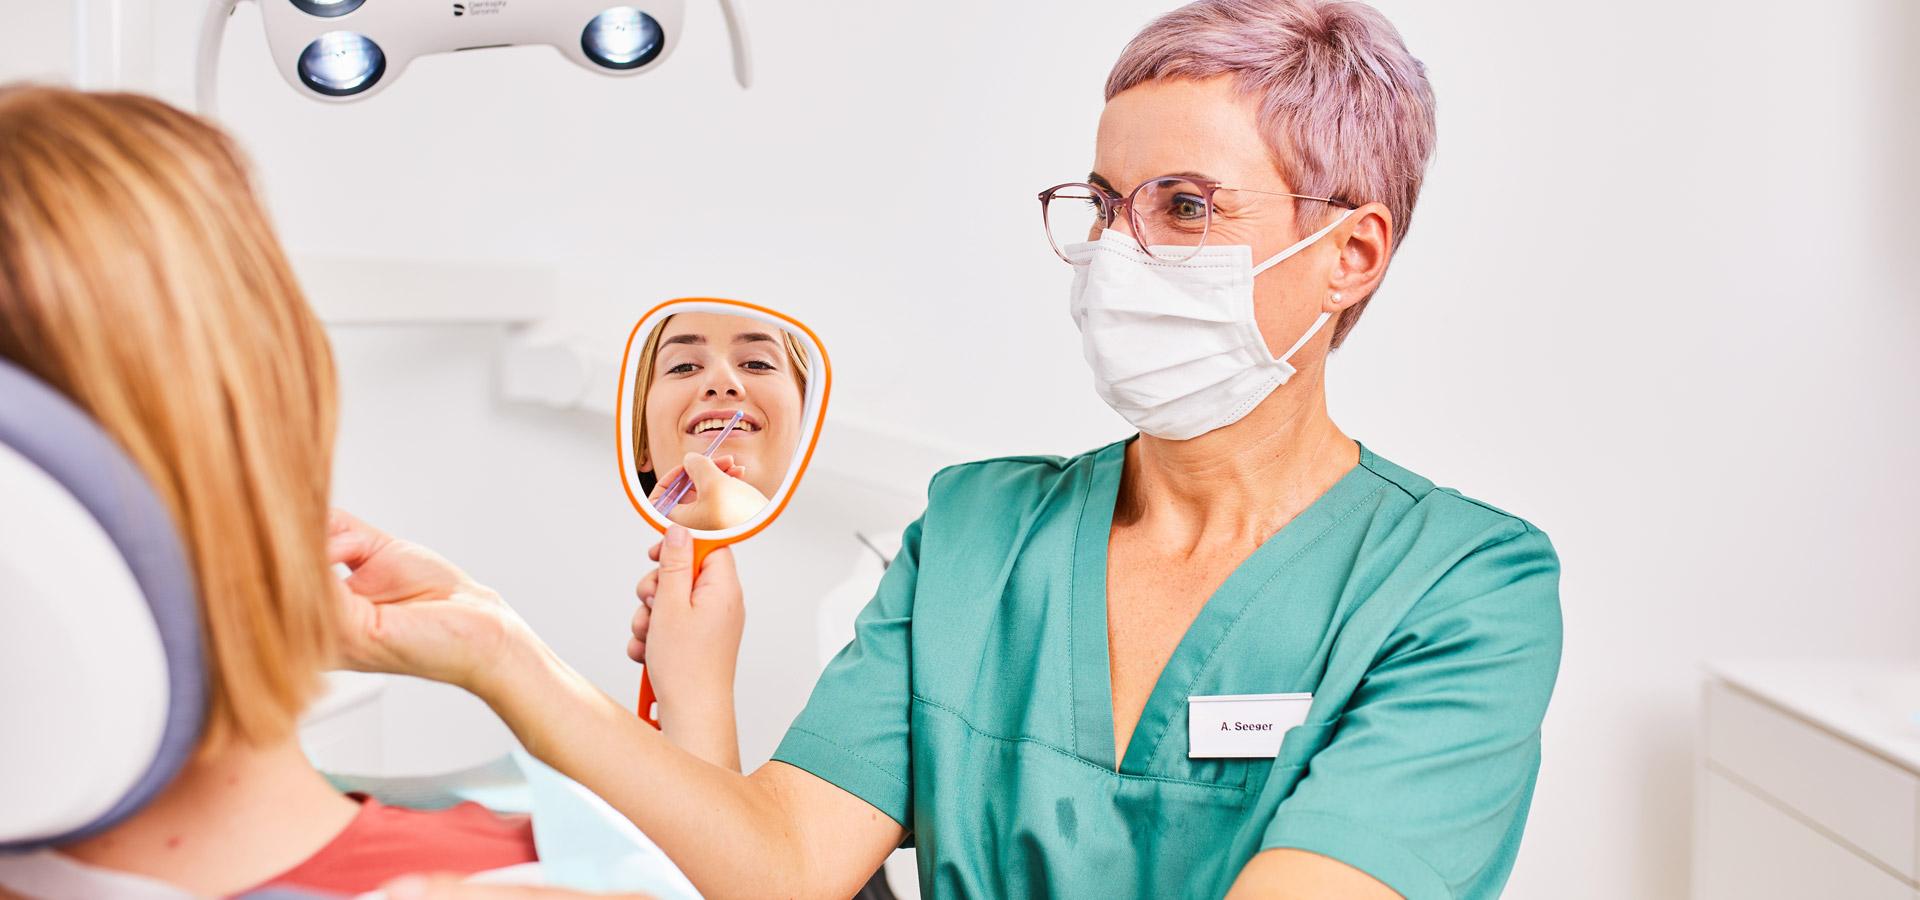 Zahnärzte Neubulach - Prophylaxe 1